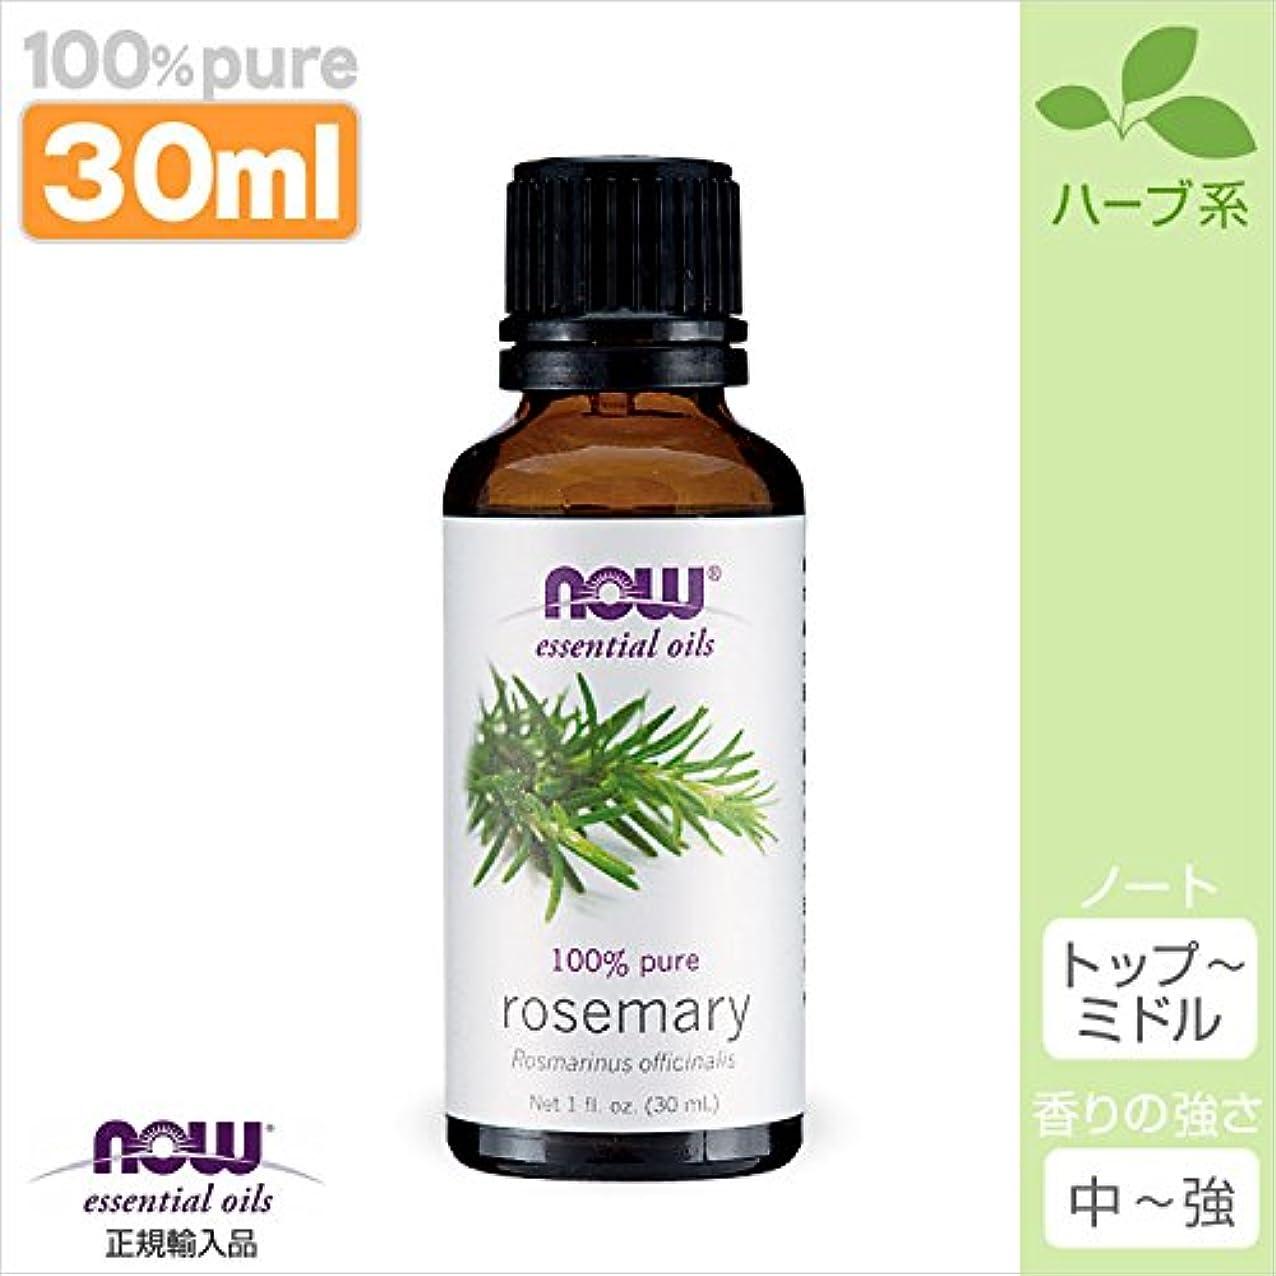 ローズマリー精油[30ml] 【正規輸入品】 NOWエッセンシャルオイル(アロマオイル)